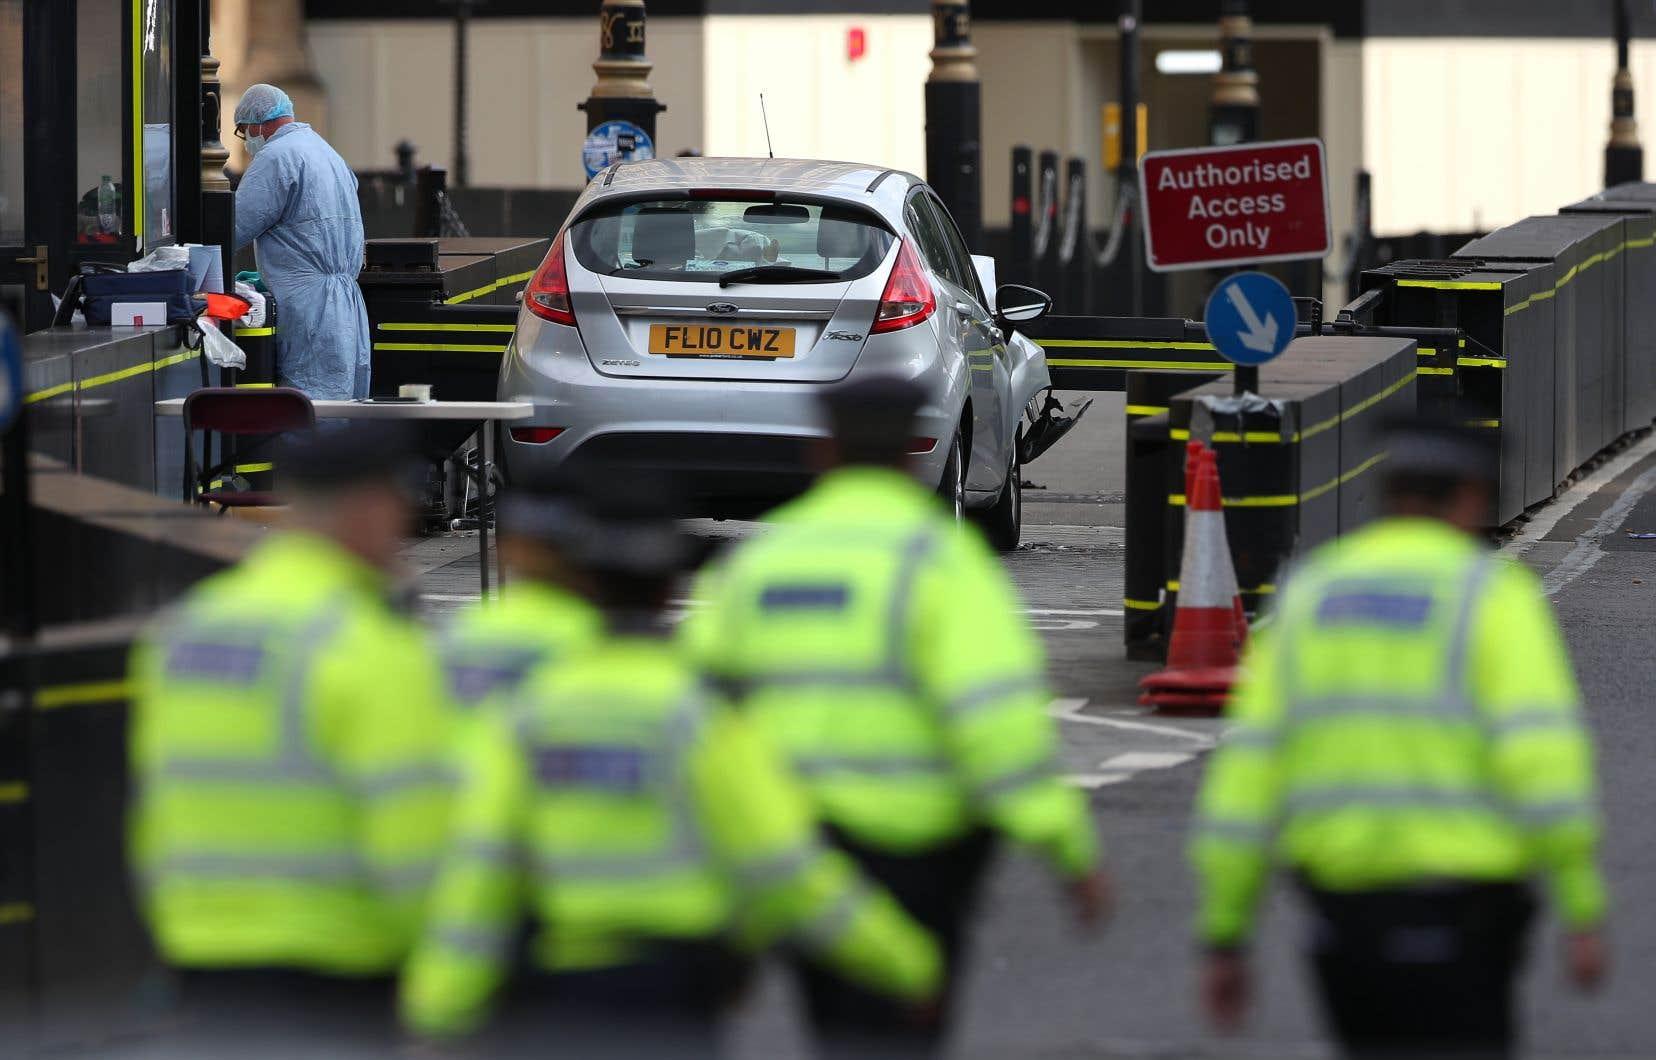 Le suspect Salih Khater est accusé d'avoir précipité son véhicule sur des cyclistes et des policiers.